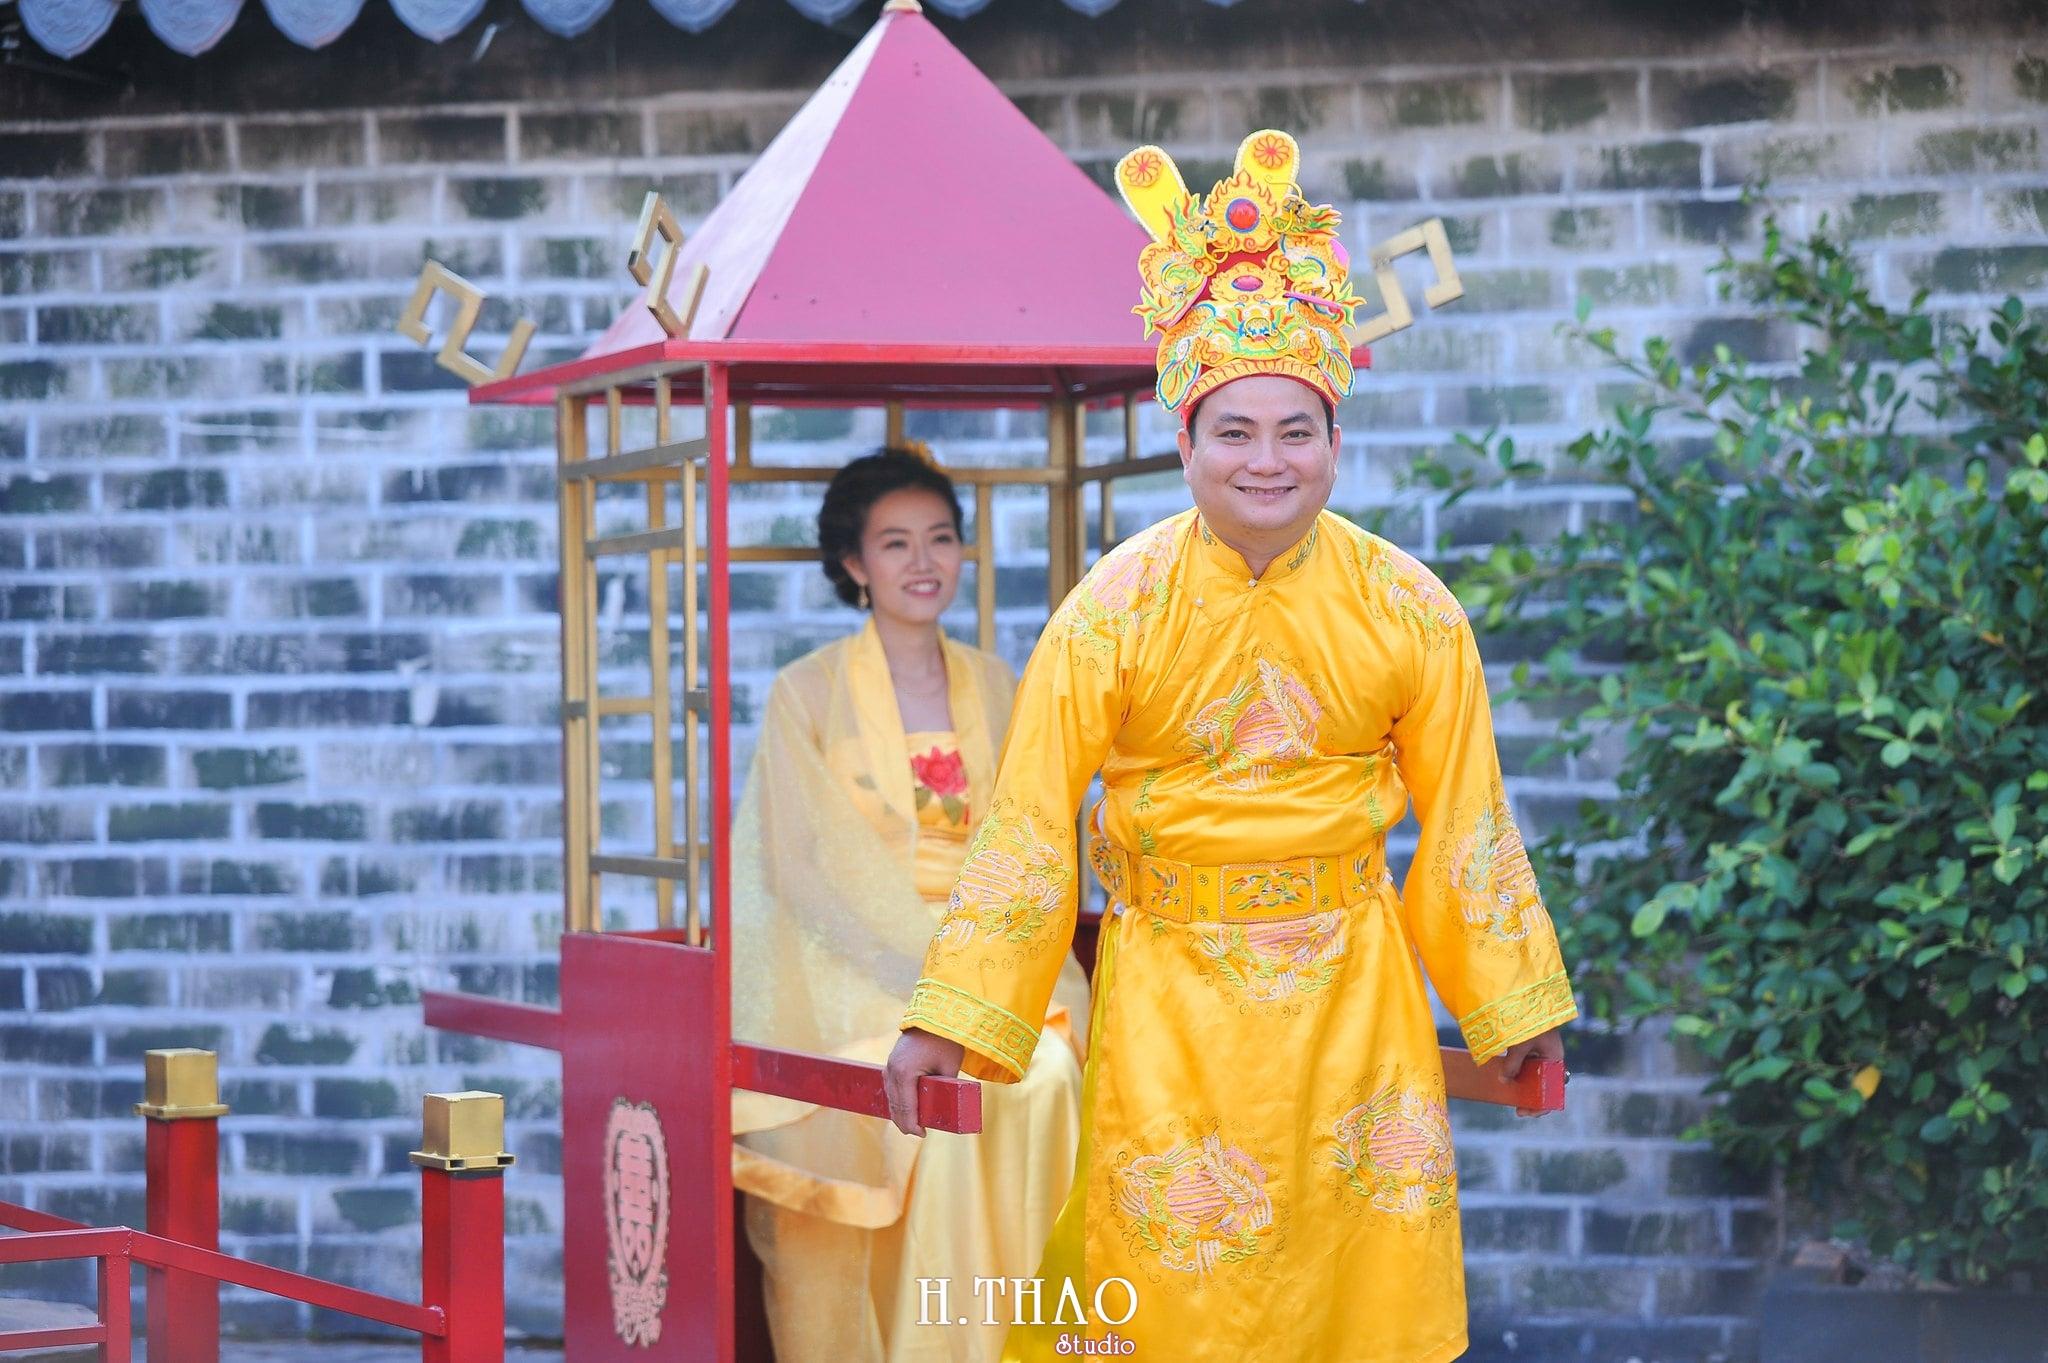 Anh co trang vua va hoang hau 9 - Bộ ảnh couple chụp theo phong cách cổ trang Vua - Hoàng Hậu